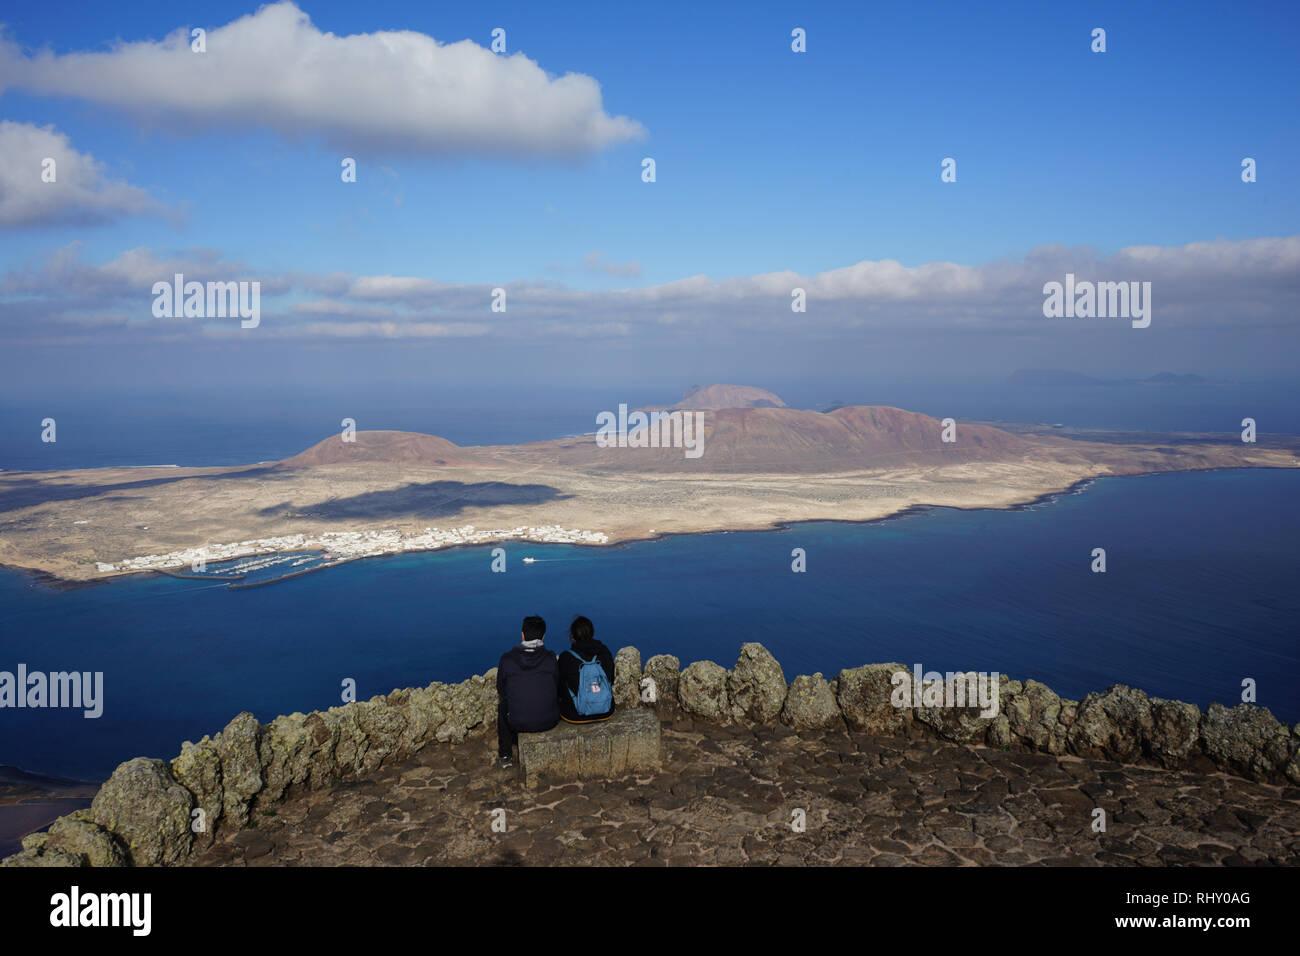 Mirador del Rio, gestaltet von Cesar Manrique, Oberste Aussichtsplattform, schöne Aussicht auf die Insel La Graciosa, Chinijo-Archipel, Lanzarote, Kanaren Stockbild